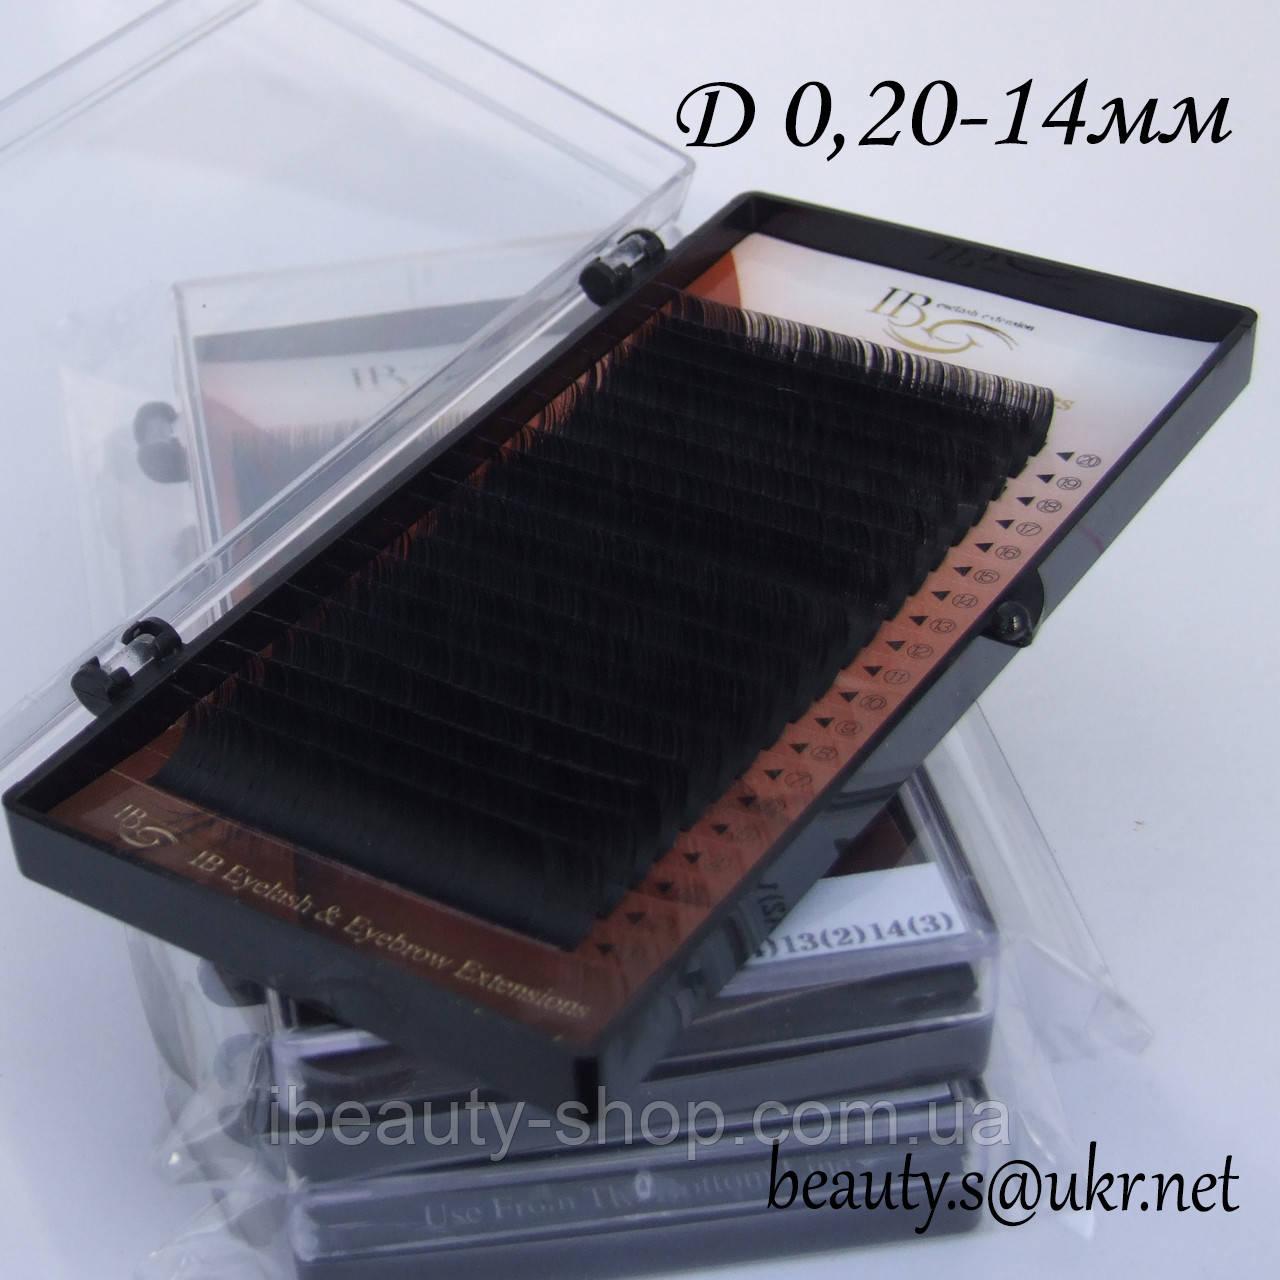 Ресницы  I-Beauty на ленте D-0,20 14мм